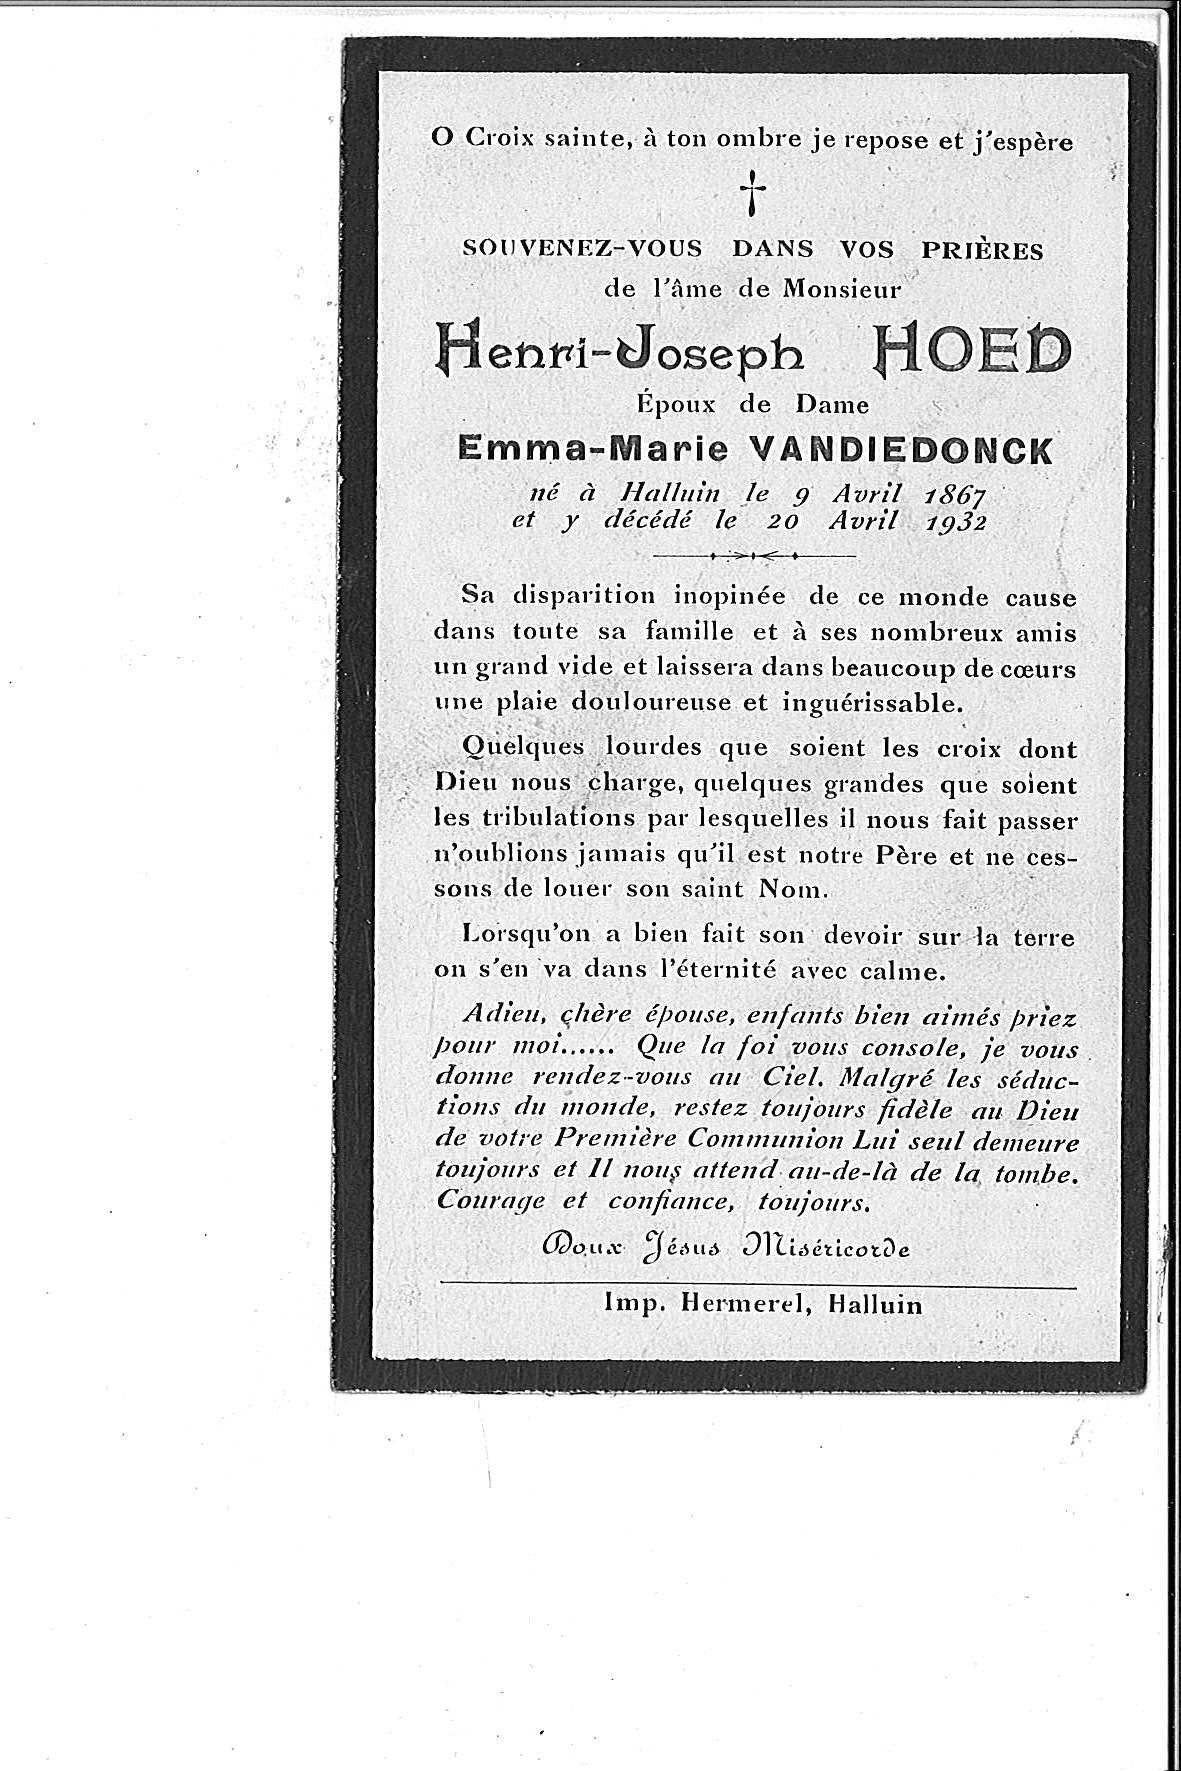 Henri-Joseph(1932)20150818142124_00002.jpg